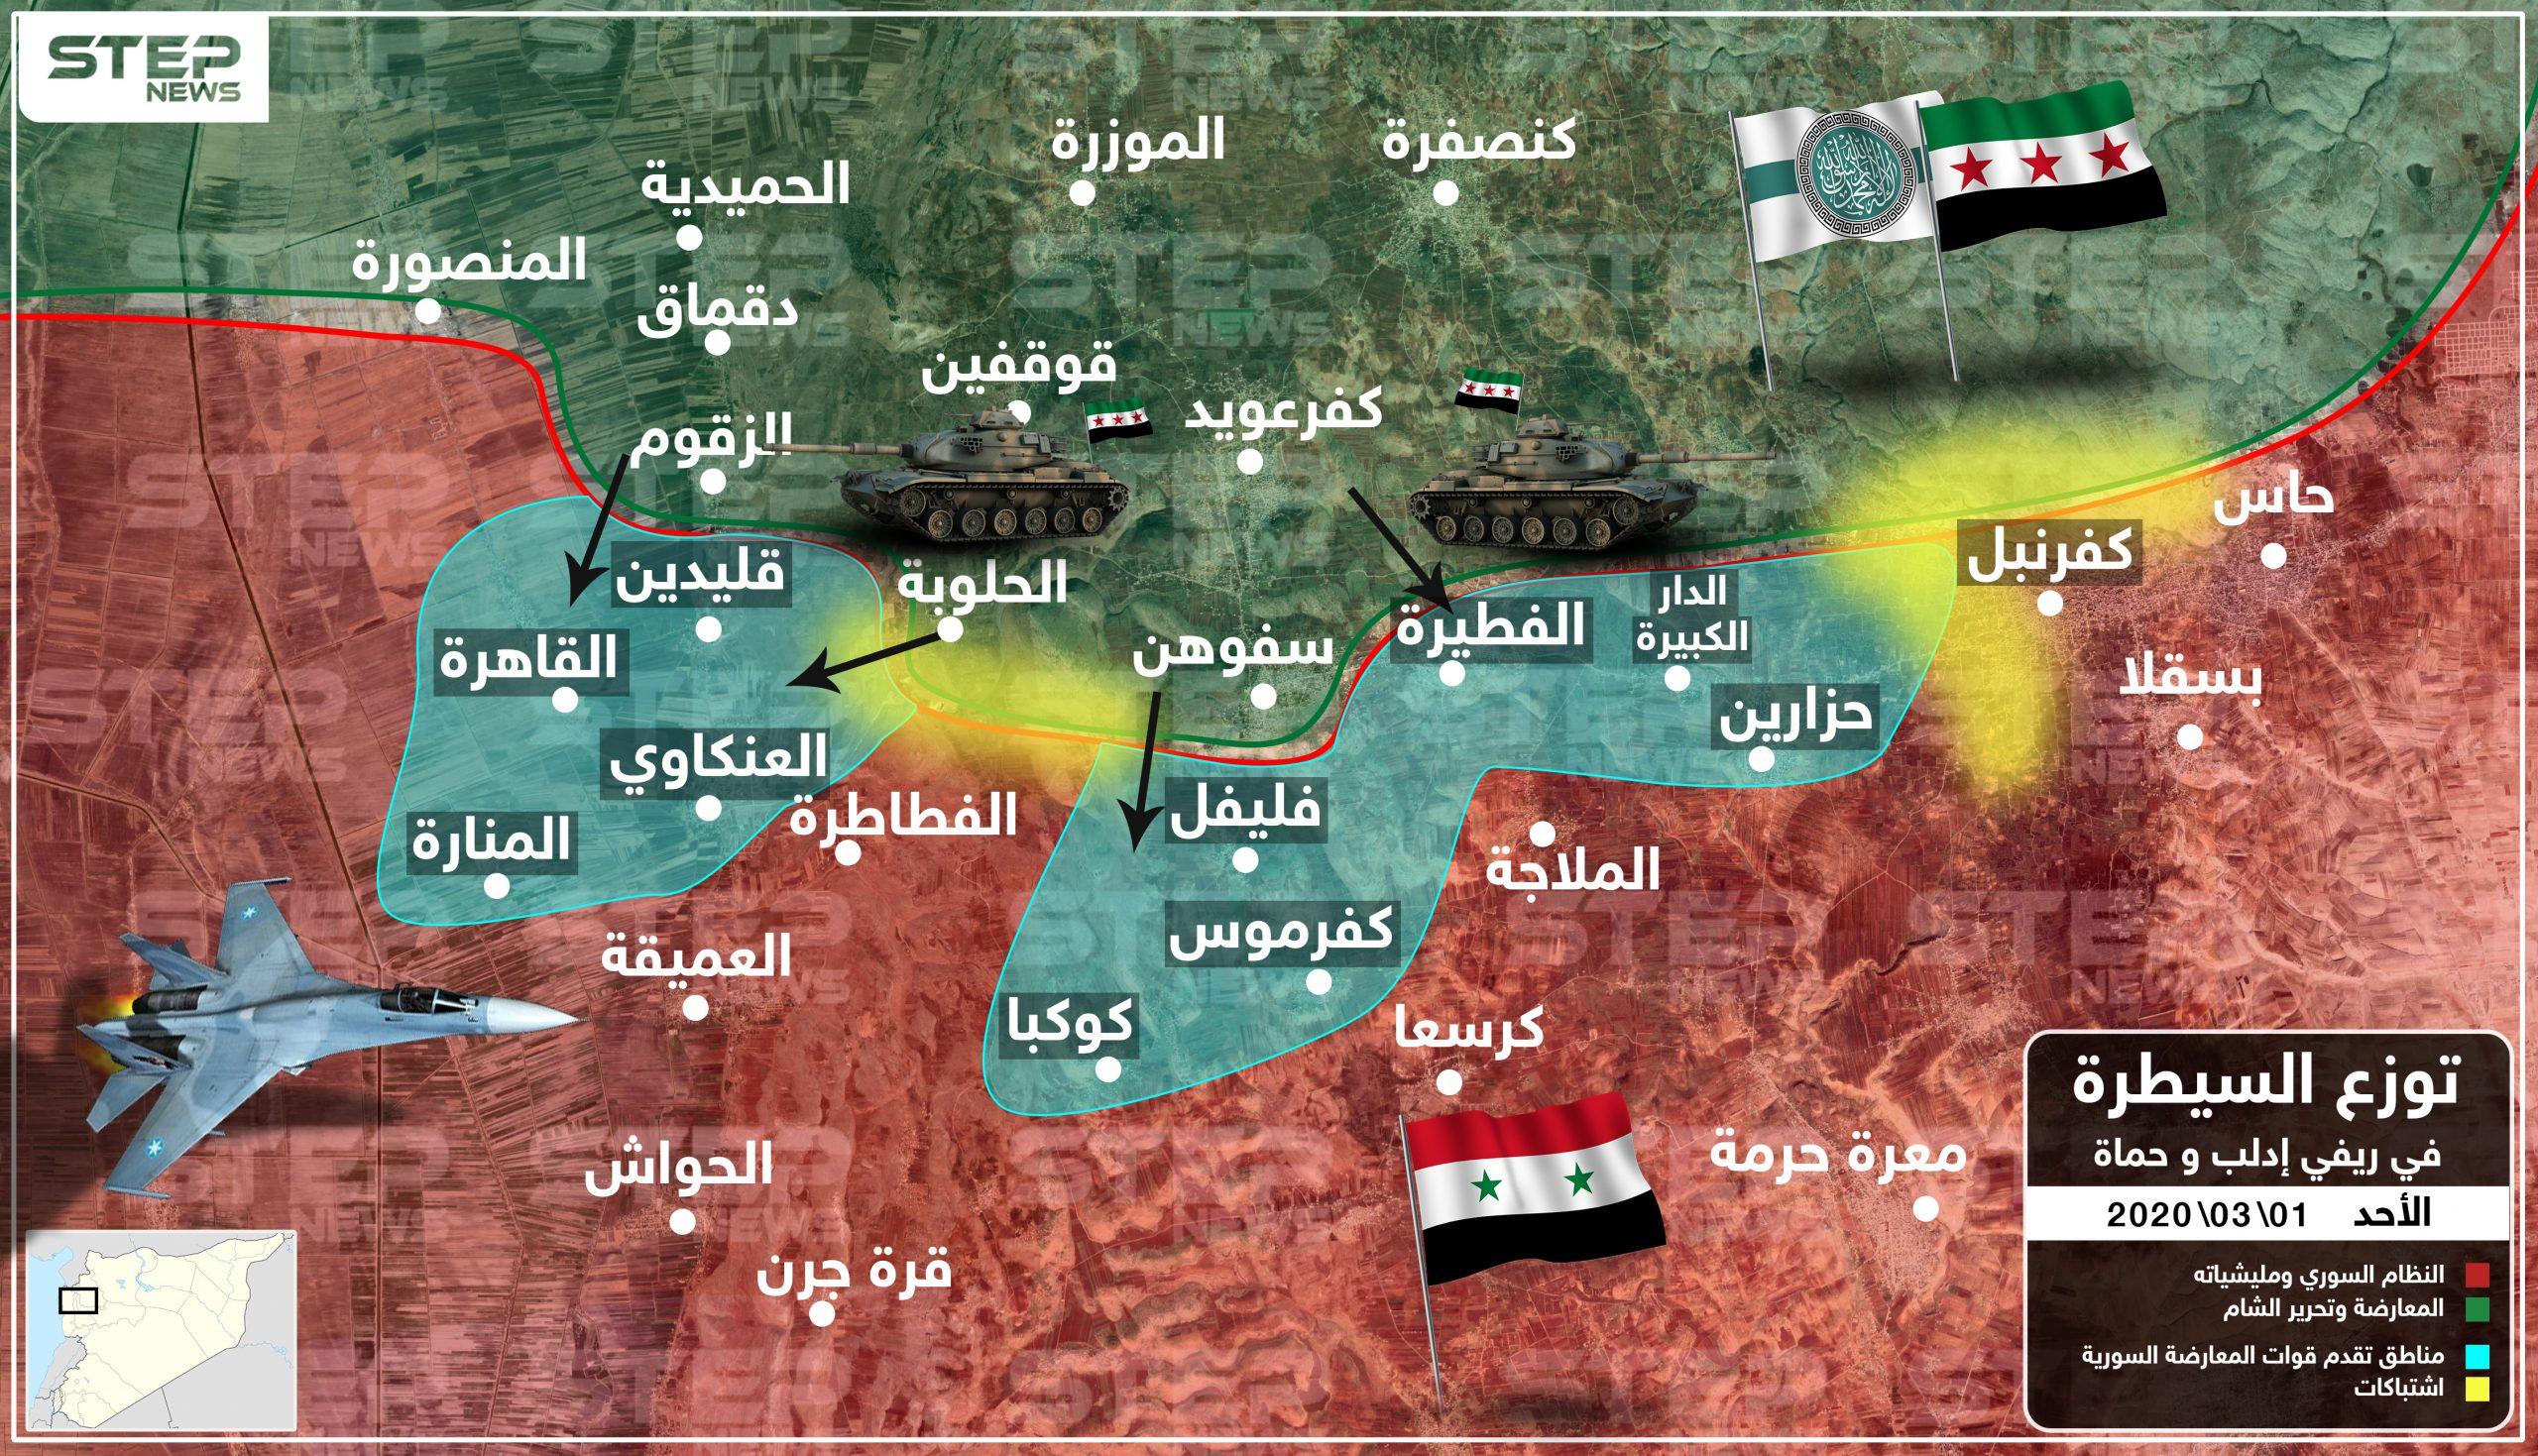 بالخريطة|| فصائل المعارضة تسيطر على نقاط بكفرنبل.. والتركي المُسيّر مستمر باستهداف قوات النظام السوري